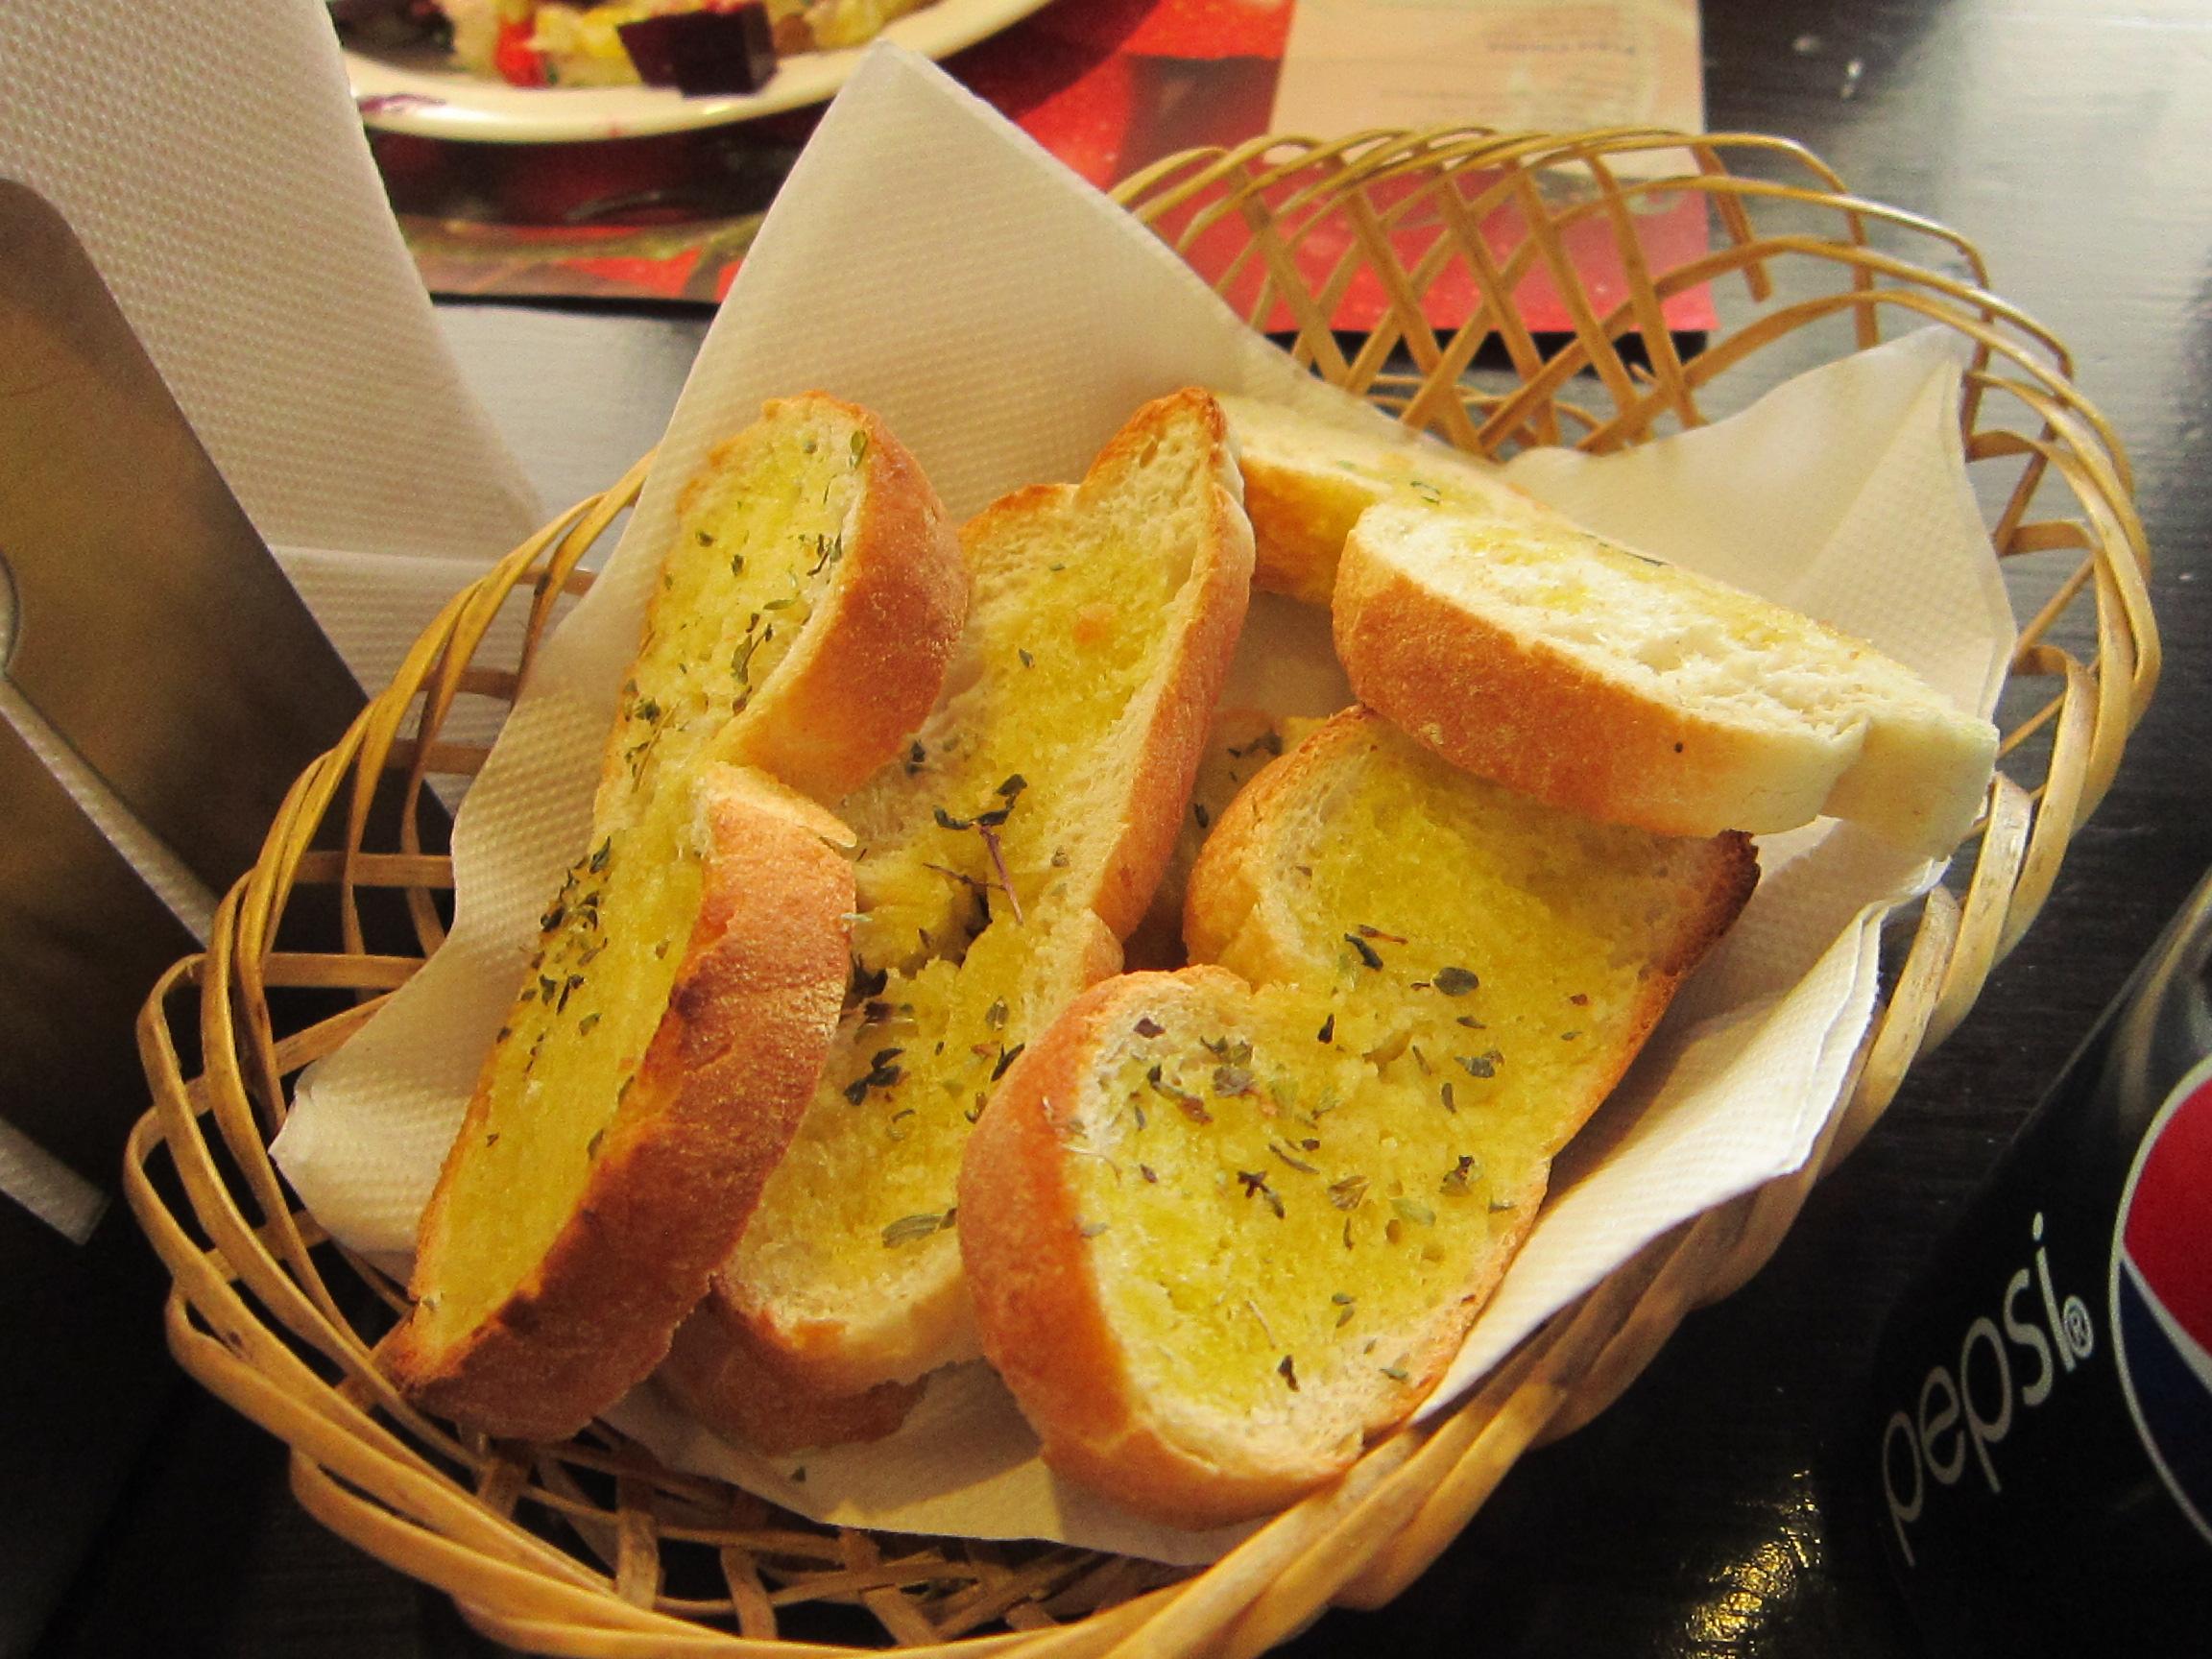 Un desayuno con aceite de oliva virgen protege de la inflamación en los vasos sanguíneos